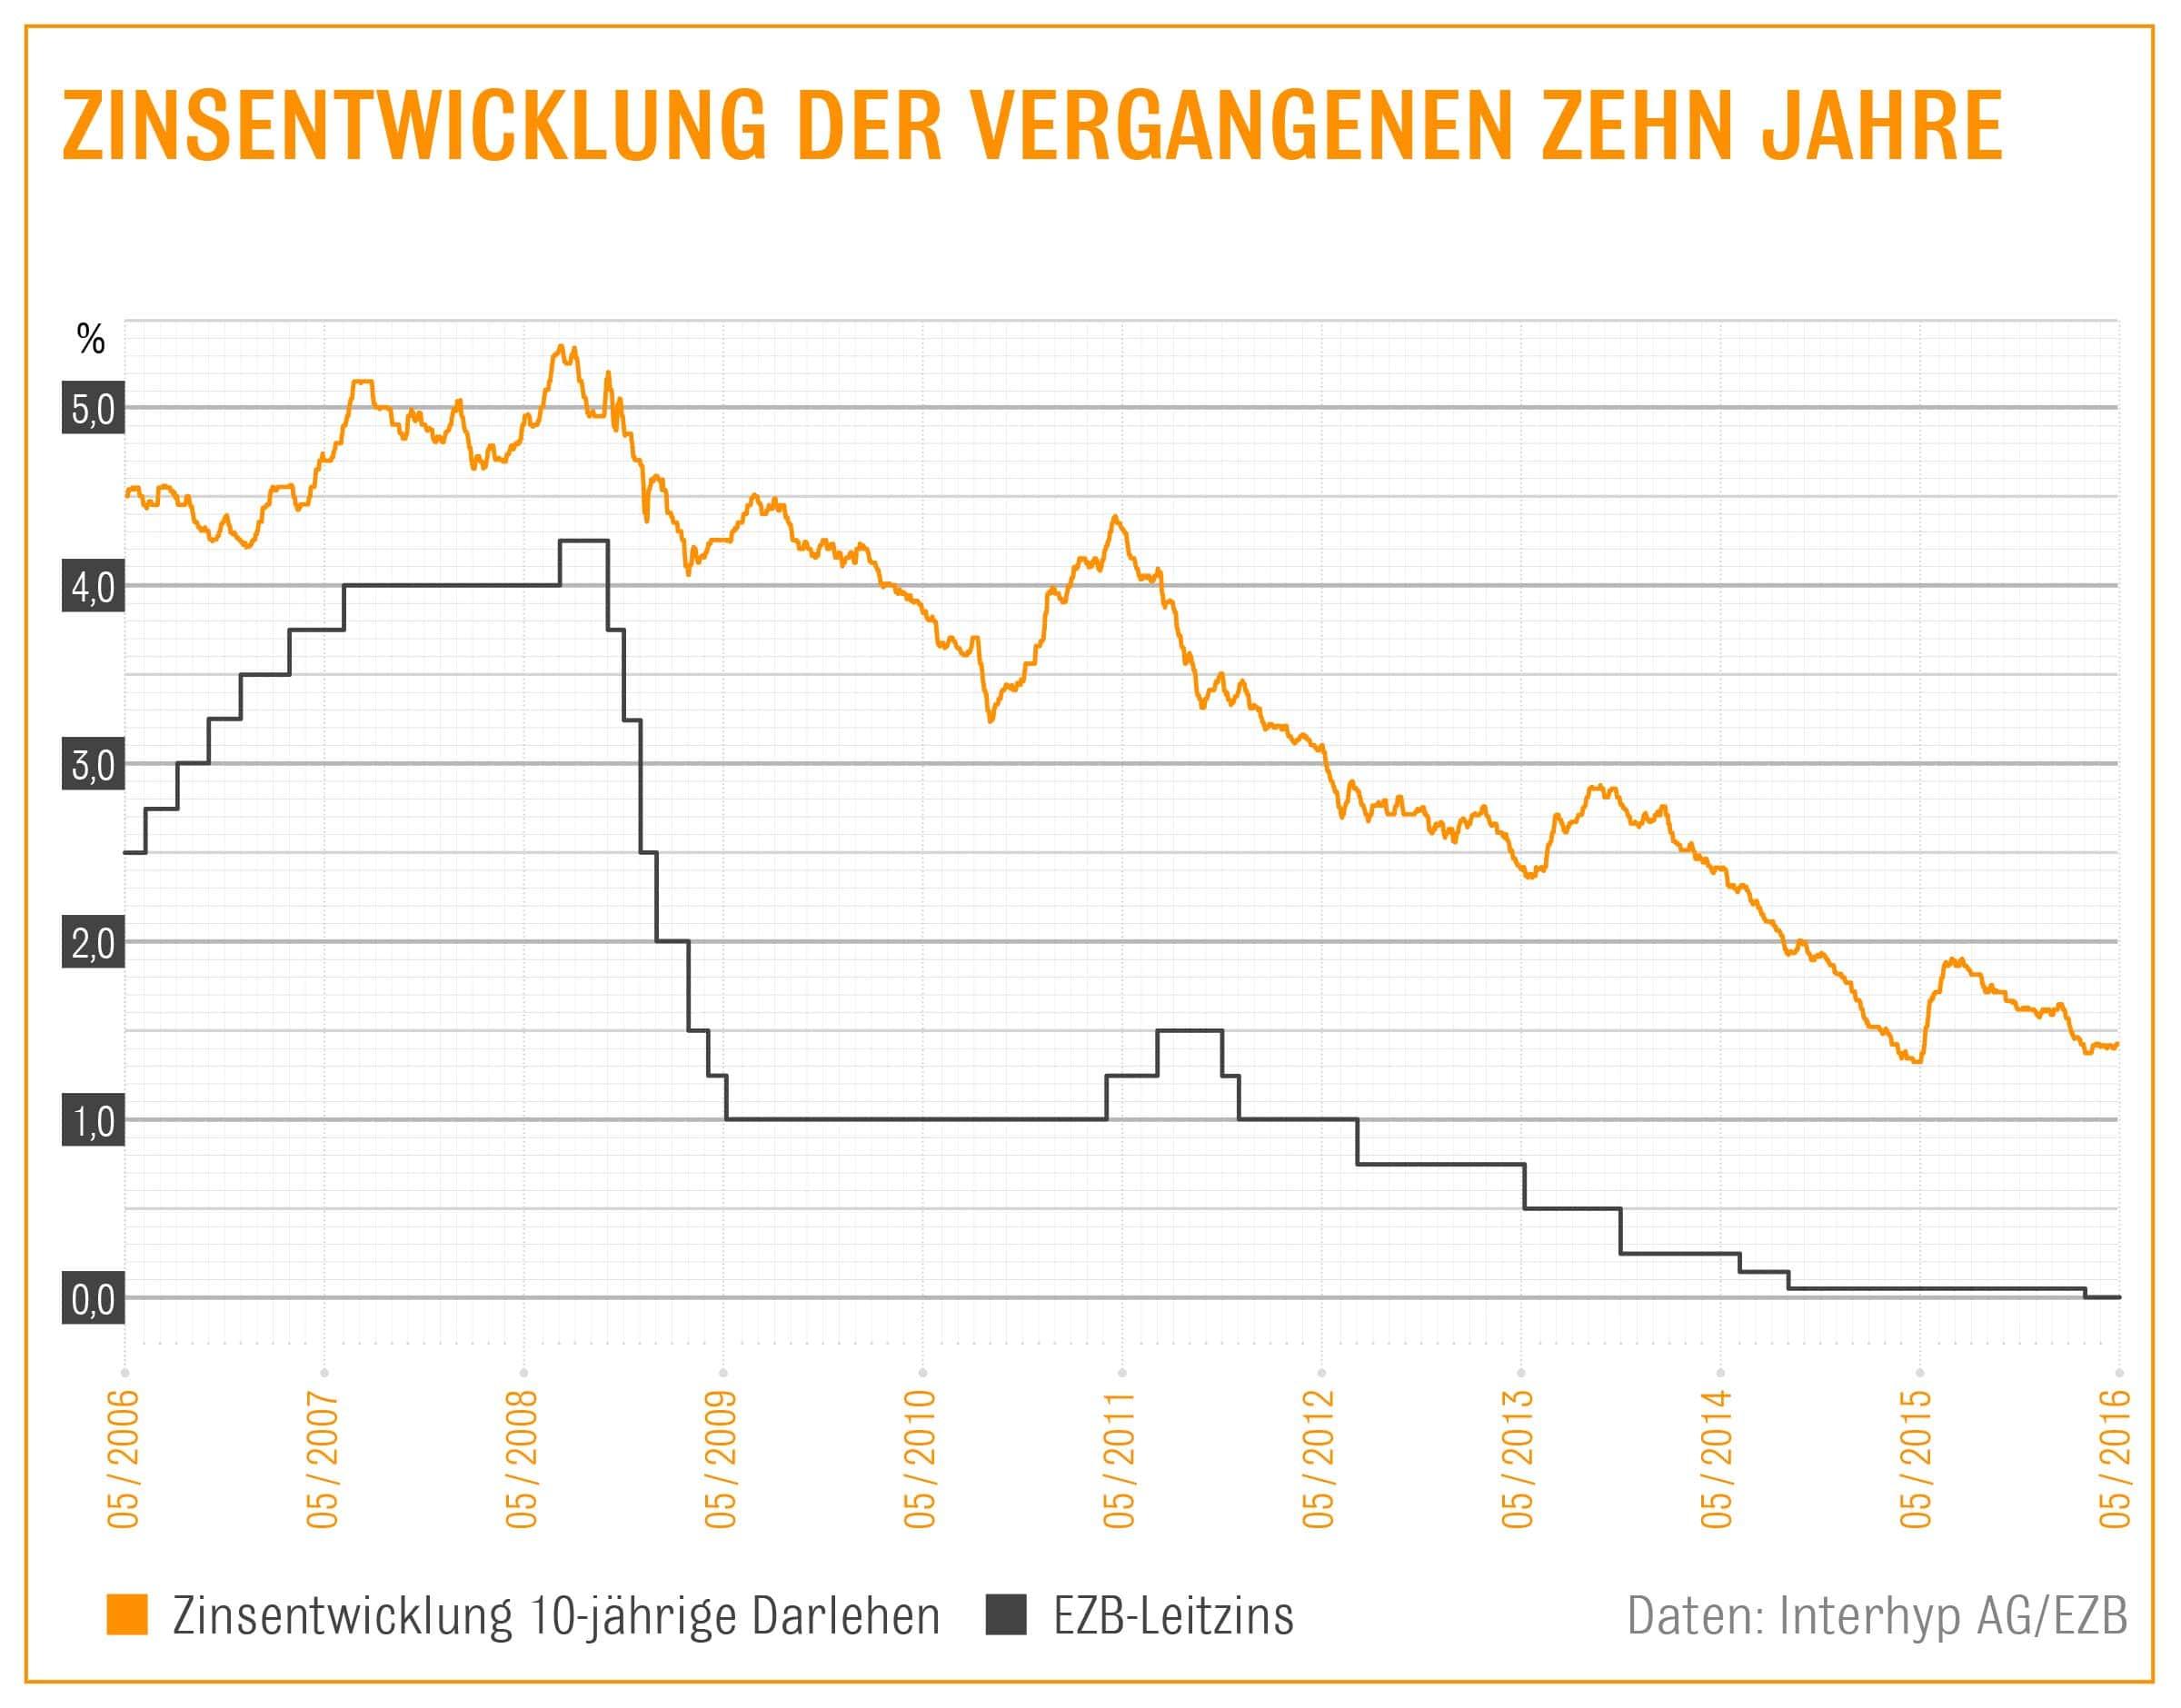 Interhyp: Zinsentwicklung der vergangenen zehn Jahre